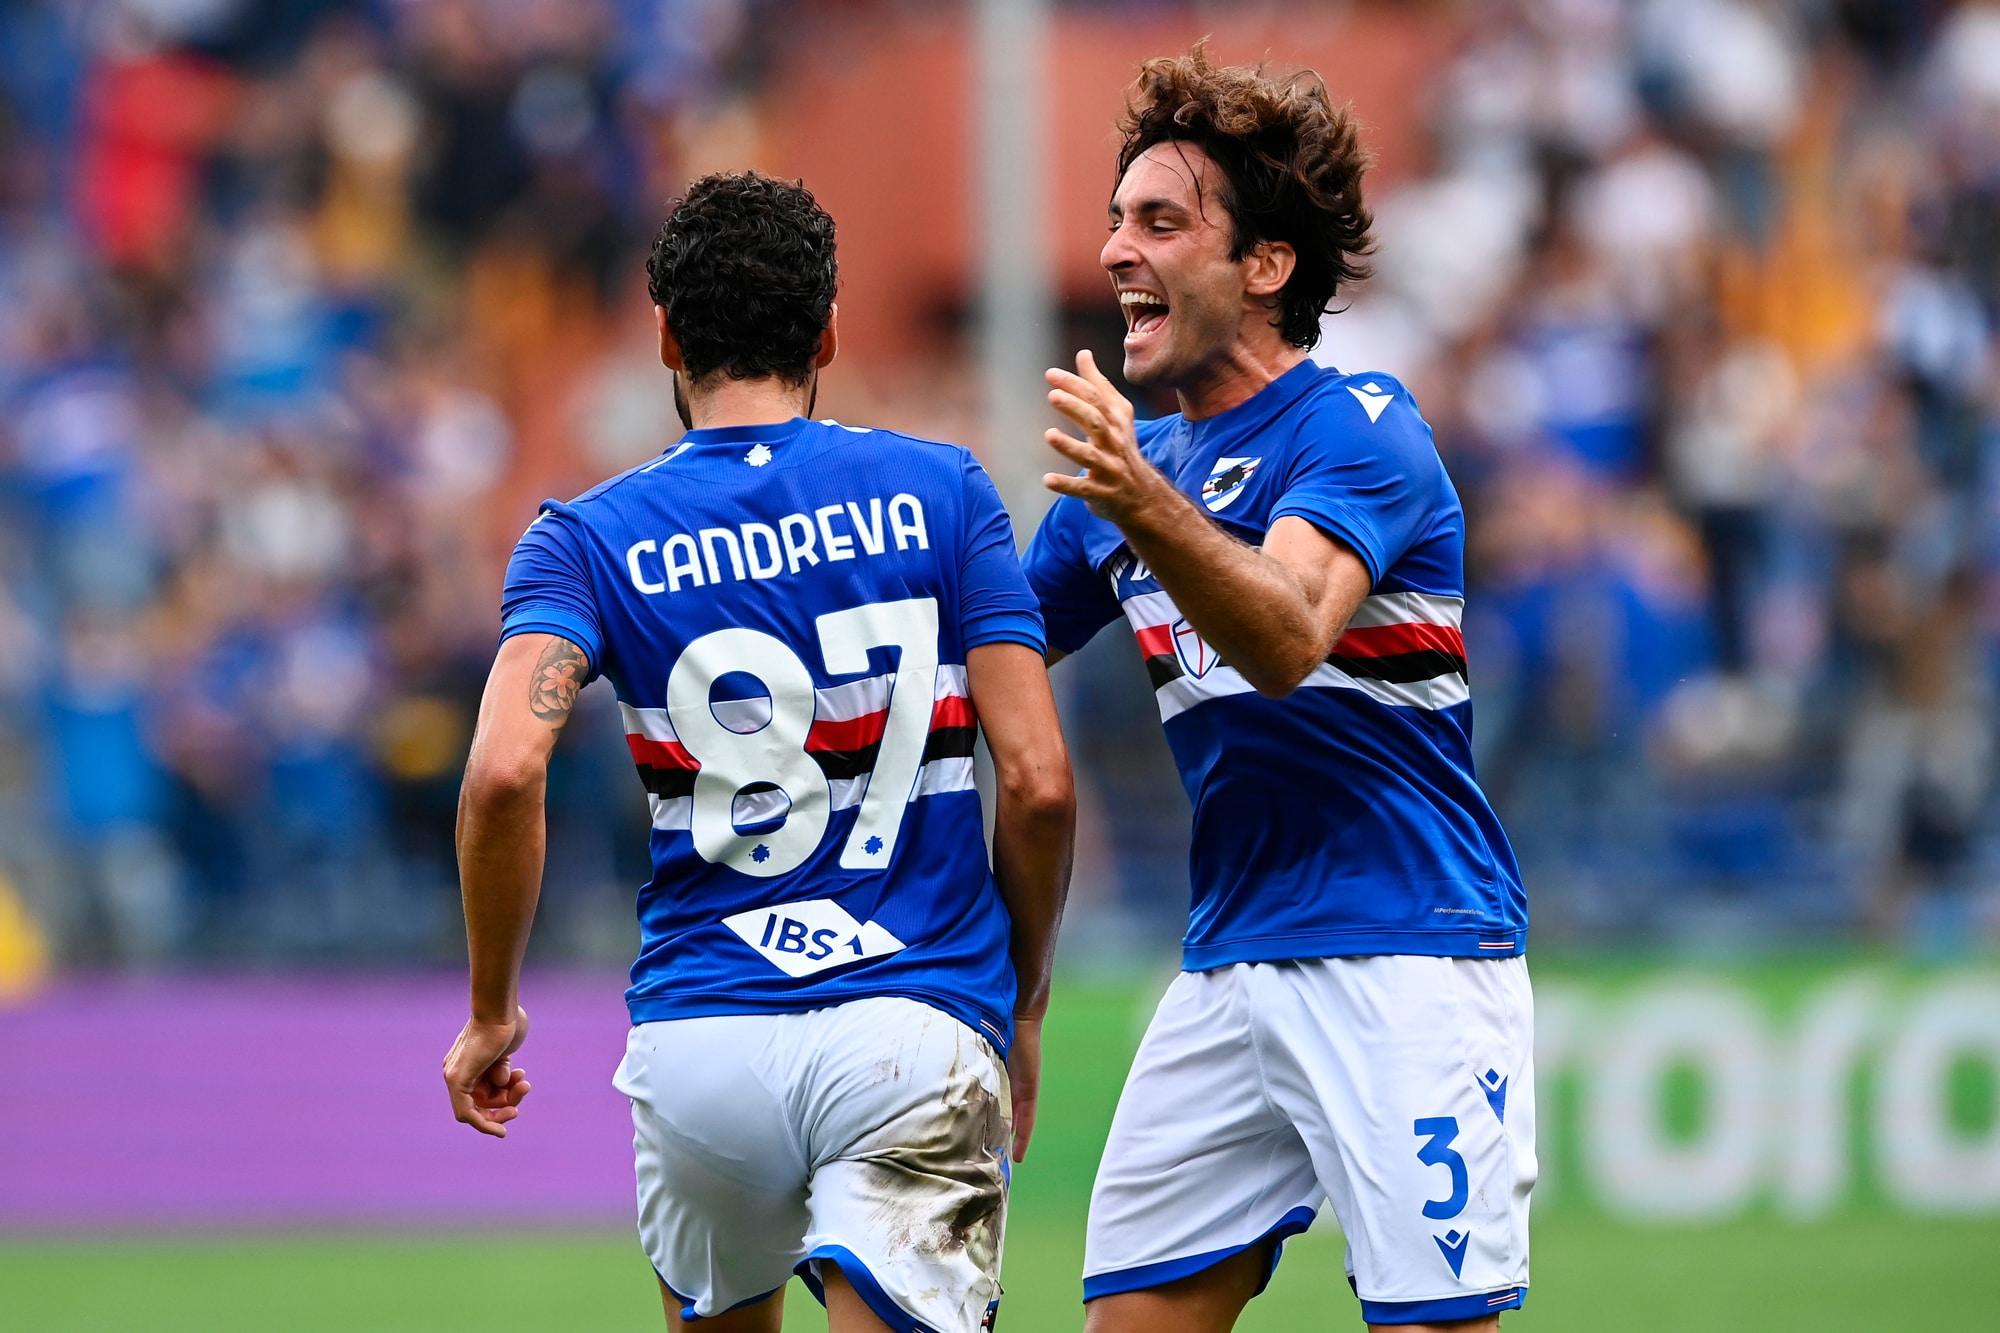 Candreva fa lo show, ma non basta: Samp-Udinese 3-3